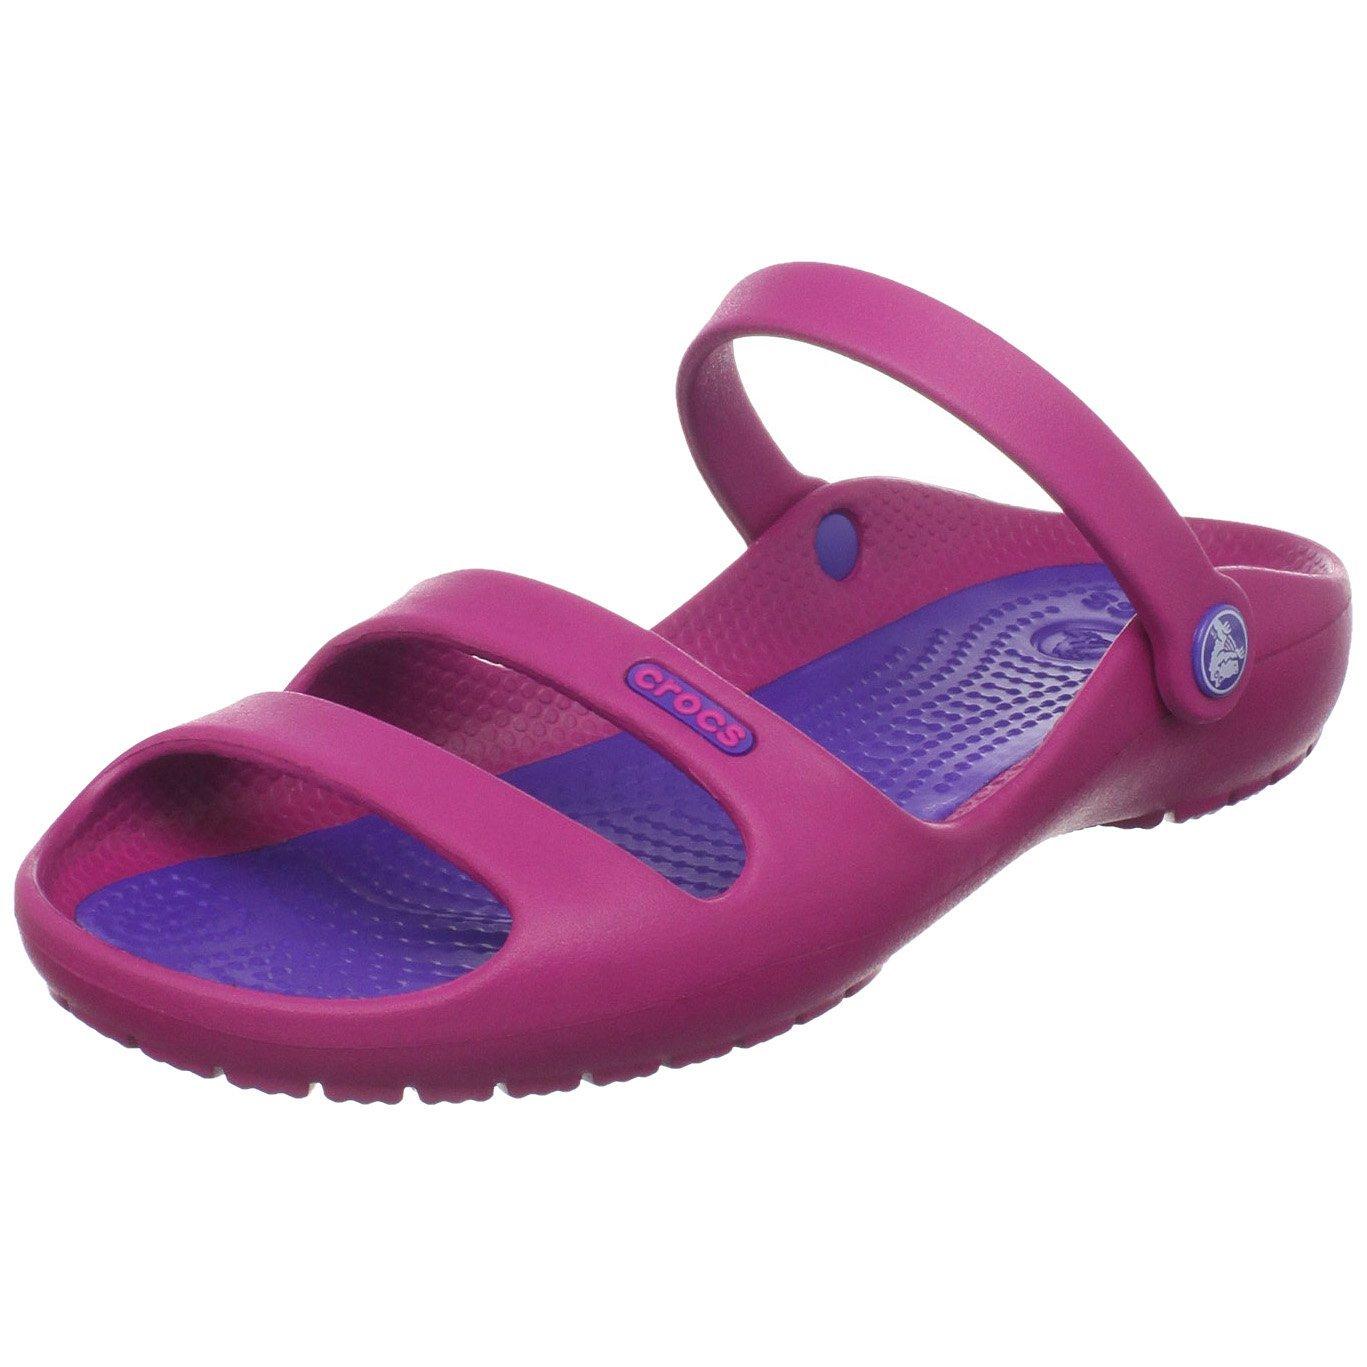 Crocs Shoes: Crocs Women's Cleo II Slingback Sandal